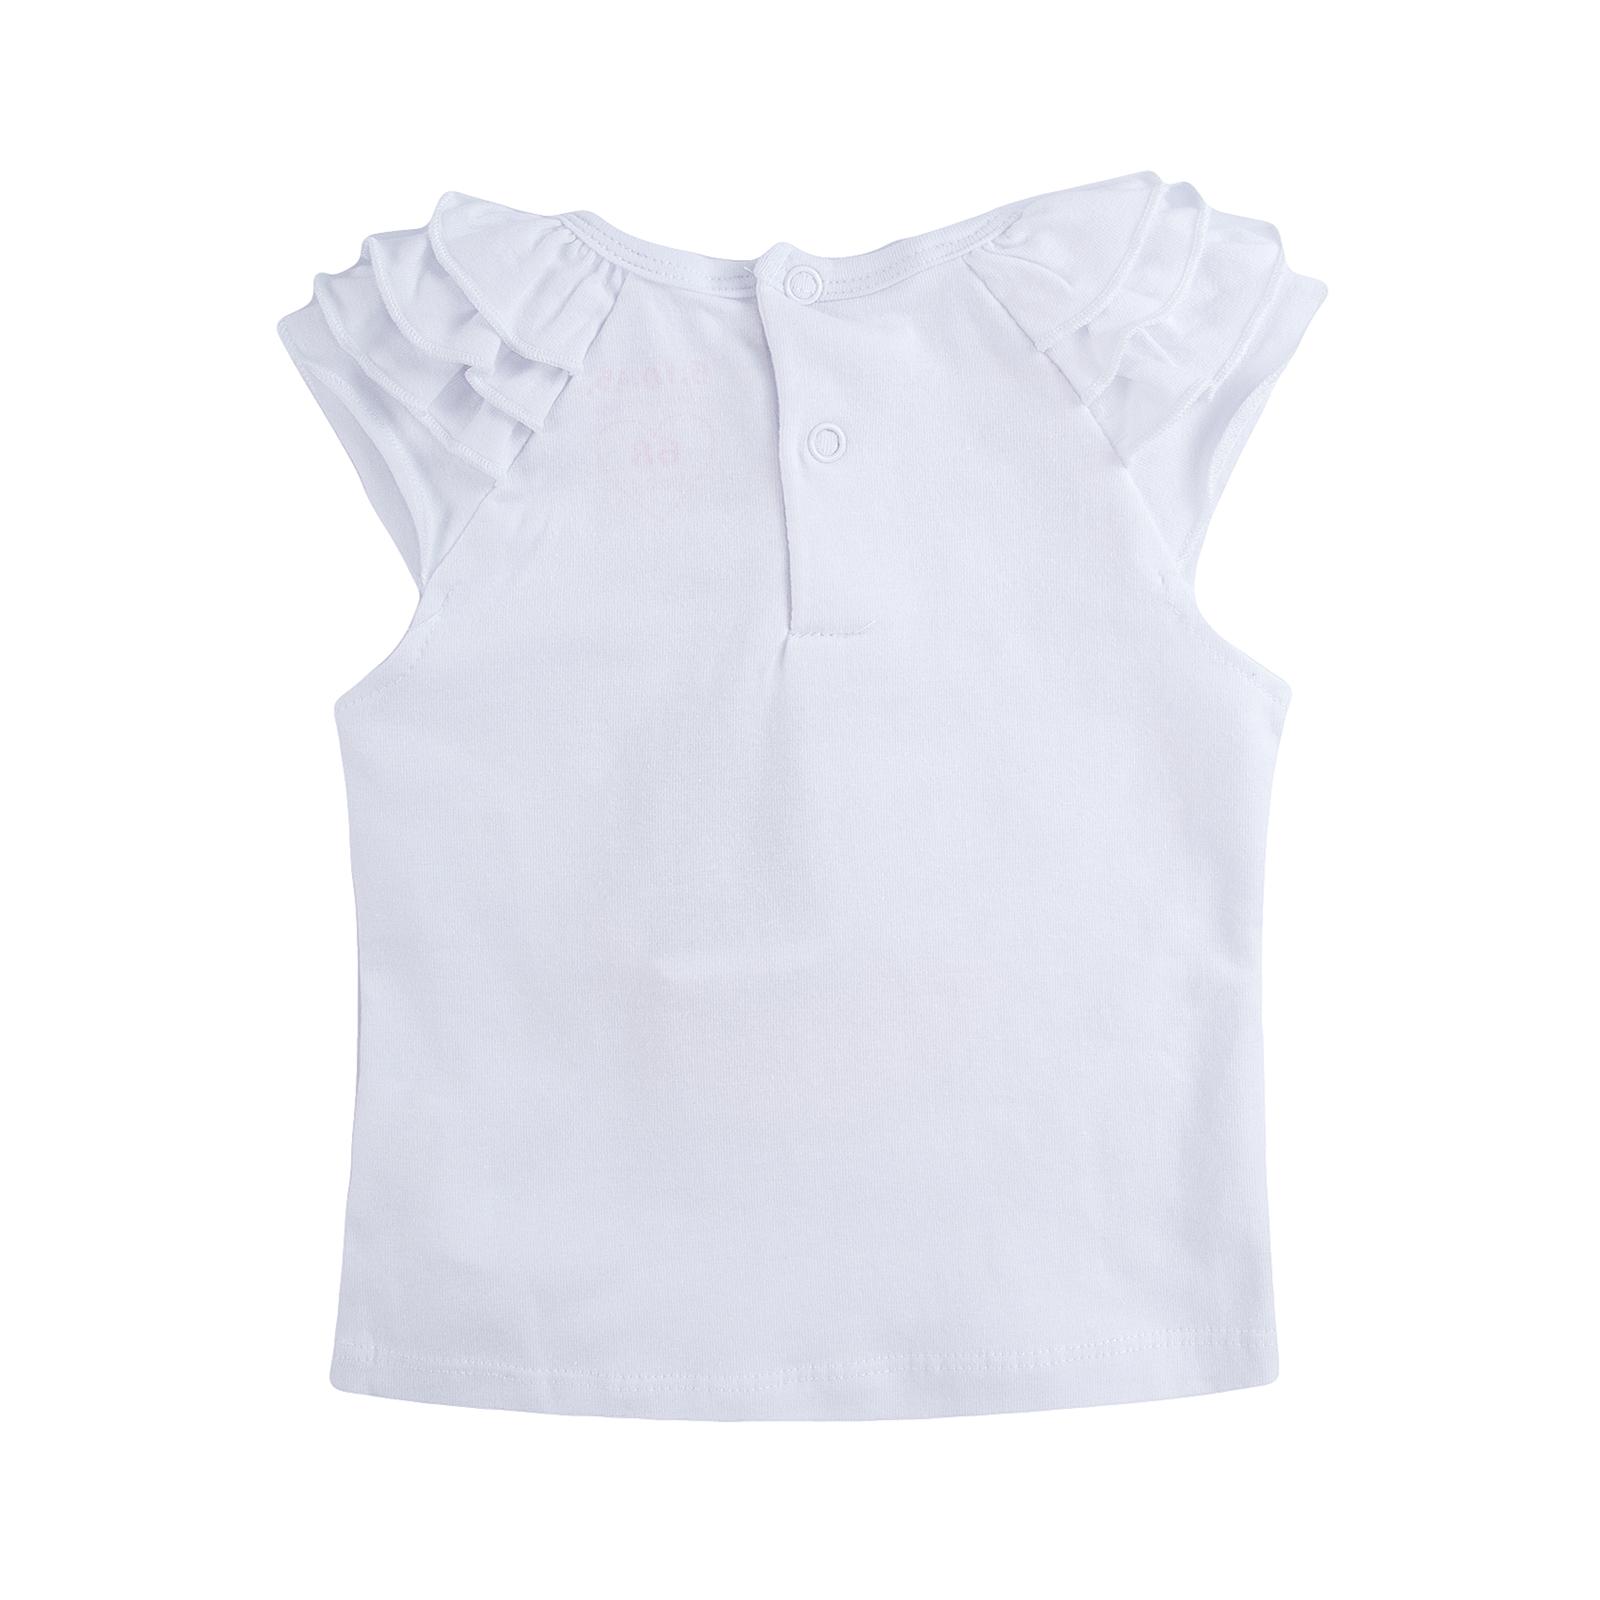 Футболка с коротким рукавом для девочек 5.10.15. цвет белый, с принтом, на шее заклепка 3 мес.